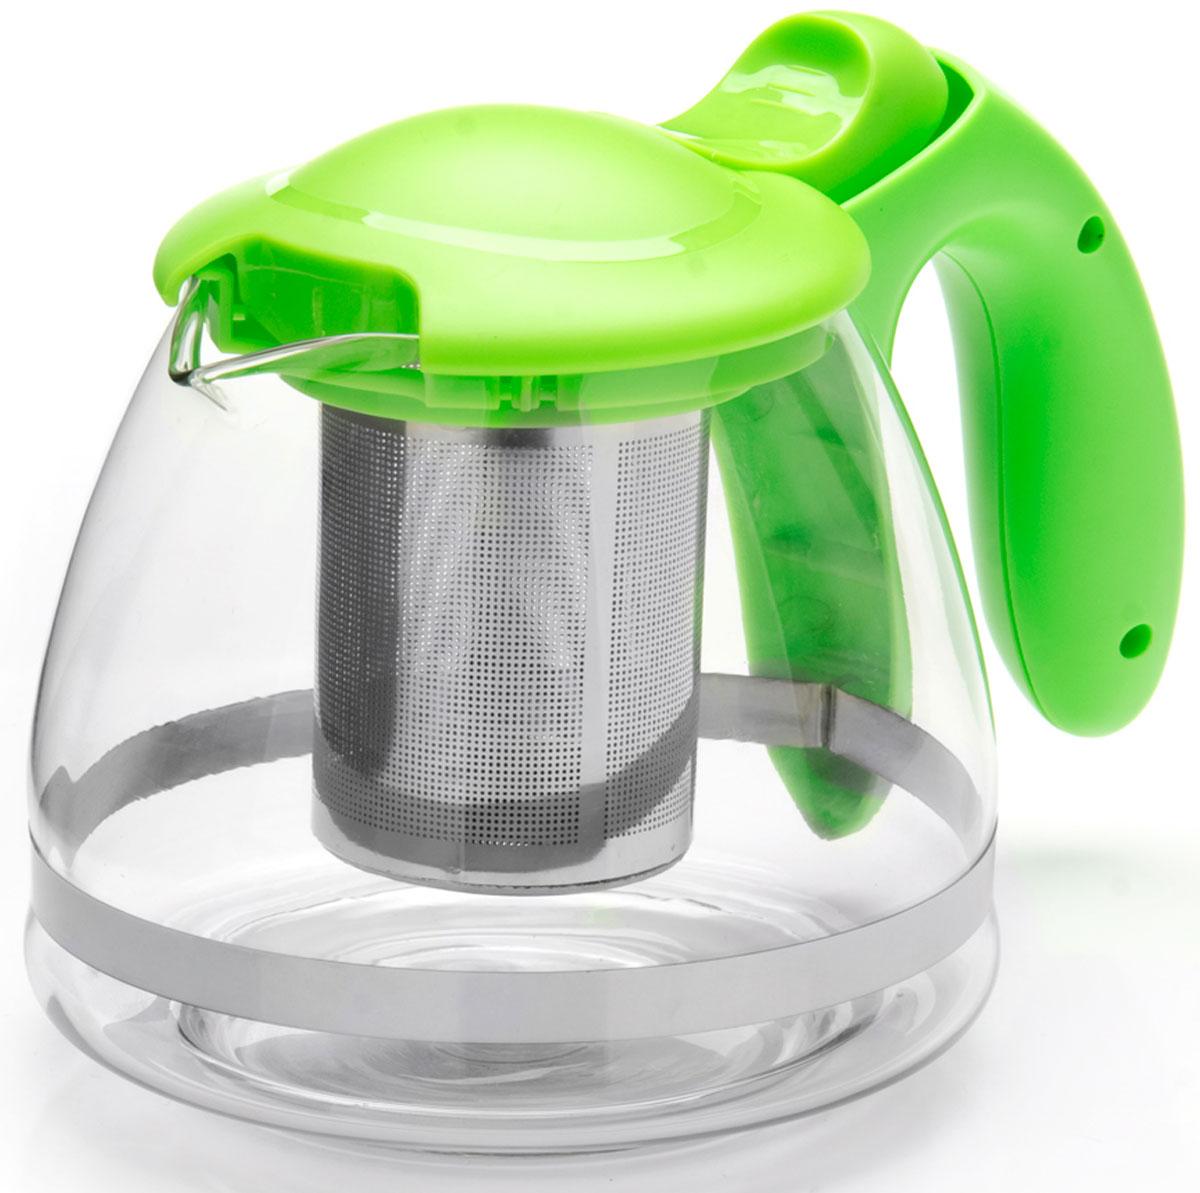 Чайник заварочный Mayer & Boch, с фильтром, цвет: зеленый, 1,2 л. 26172-326172-3Заварочный чайник Mayer & Boch изготовлен из термостойкого боросиликатного стекла, фильтр выполнен из нержавеющей стали. Изделия из стекла не впитывают запахи, благодаря чему вы всегда получите натуральный, насыщенный вкус и аромат напитков.Заварочный чайник из стекла удобно использовать для повседневного заваривания чая практически любого сорта. Но цветочные, фруктовые, красные и желтые сорта чая лучше других раскрывают свой вкус и аромат при заваривании именно в стеклянных чайниках, а также сохраняют все полезные ферменты и витамины, содержащиеся в чайных листах.Стальной фильтр гарантирует прозрачность и чистоту напитка от чайных листьев, при этом сохранив букет и насыщенность чая. Прозрачные стенки чайника дают возможность насладиться насыщенным цветом заваренного чая. Изящный заварочный чайник Mayer & Boch будет прекрасно смотреться в любом интерьере.Подходит для мытья в посудомоечной машине.